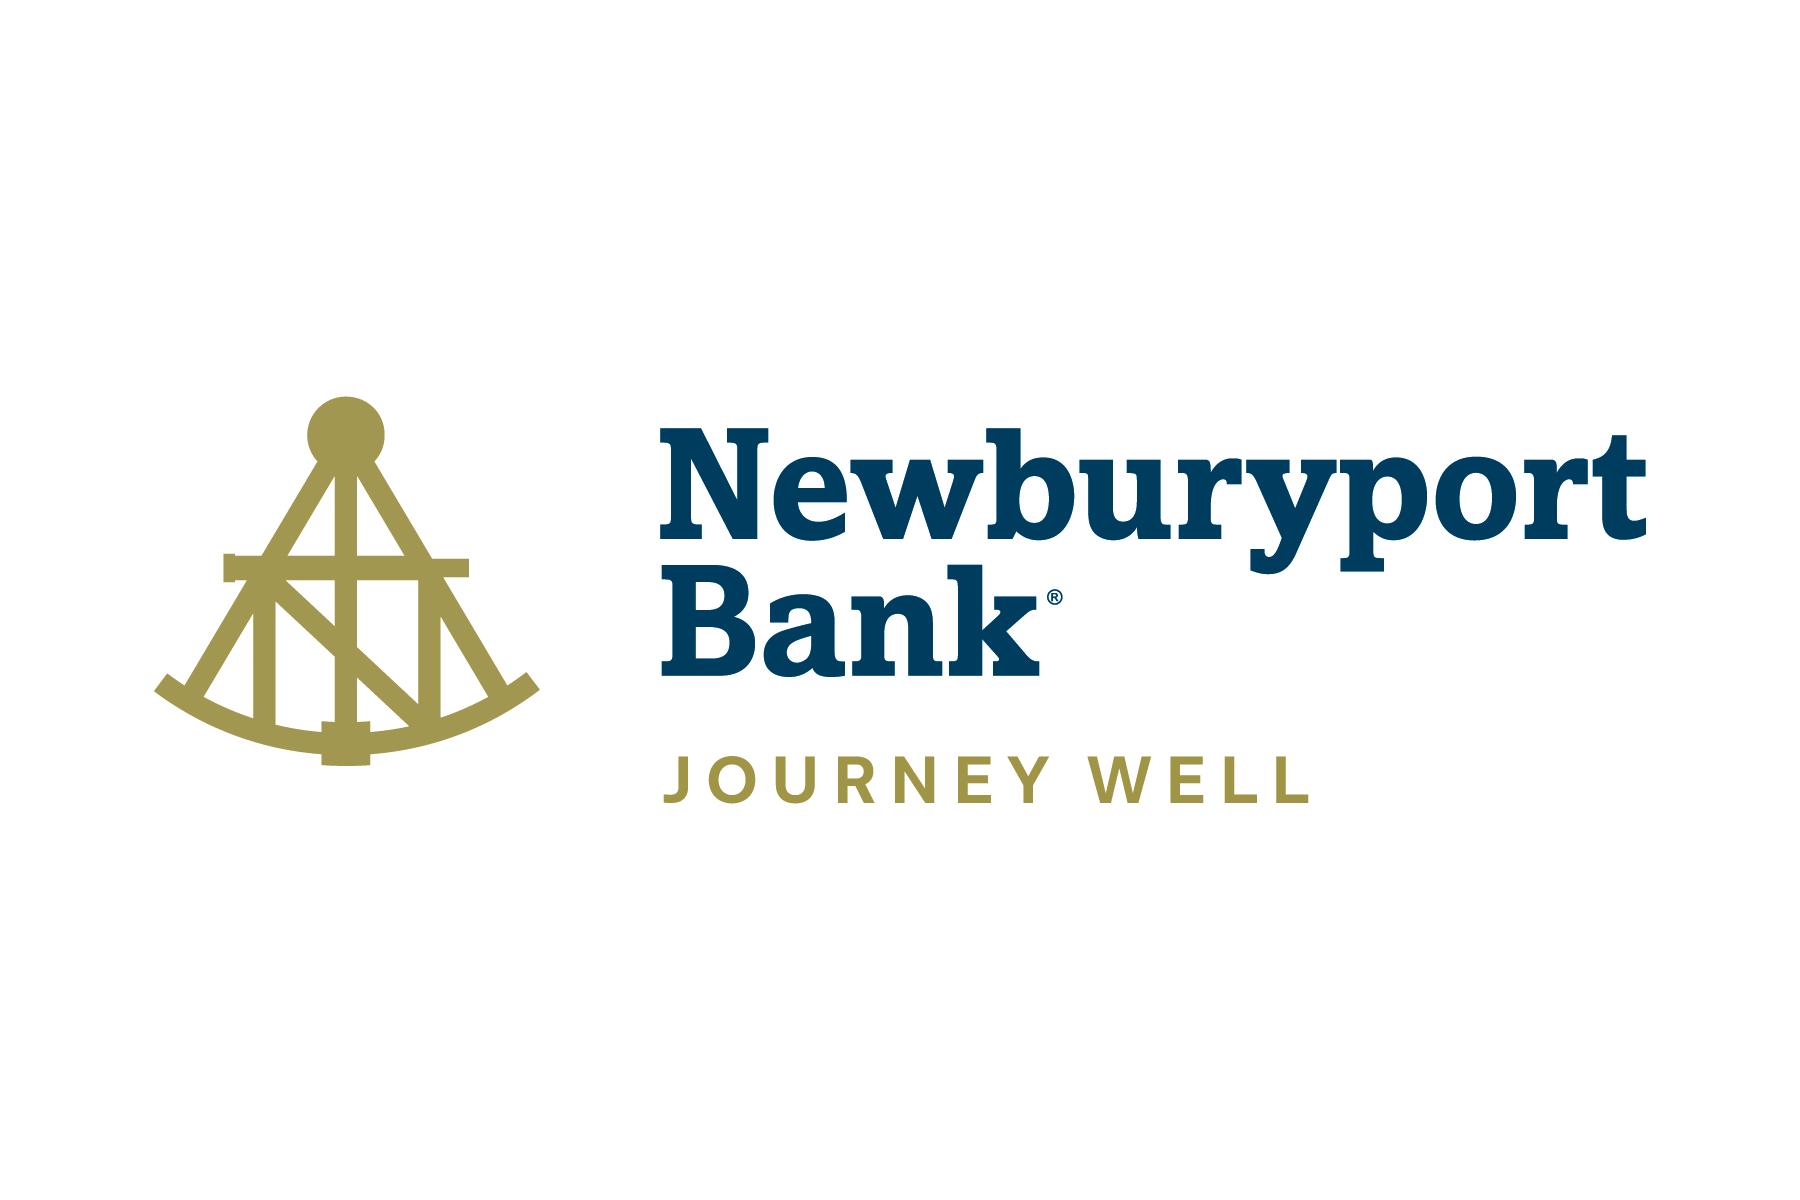 Newburyport Bank - Yoken's Common